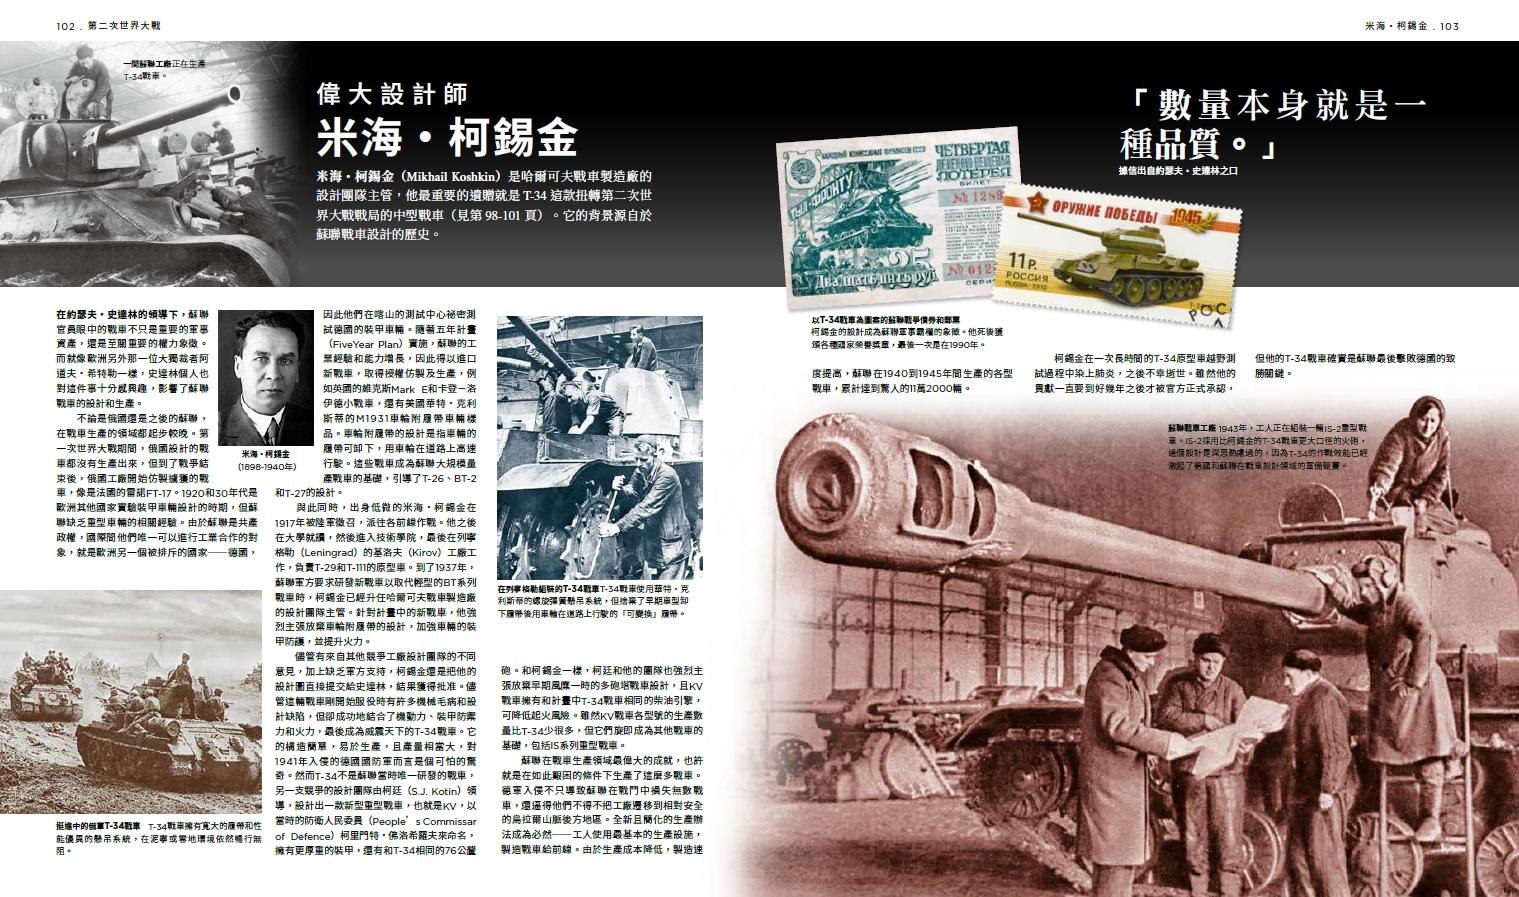 米海・柯錫金是哈爾可夫戰車製造廠的設計團隊主管,他最重要的遺贈就是T-34 這款扭轉第二次世界大戰戰局的中型戰車(見第98-101 頁)。它的背景源自於蘇聯戰車設計的歷史